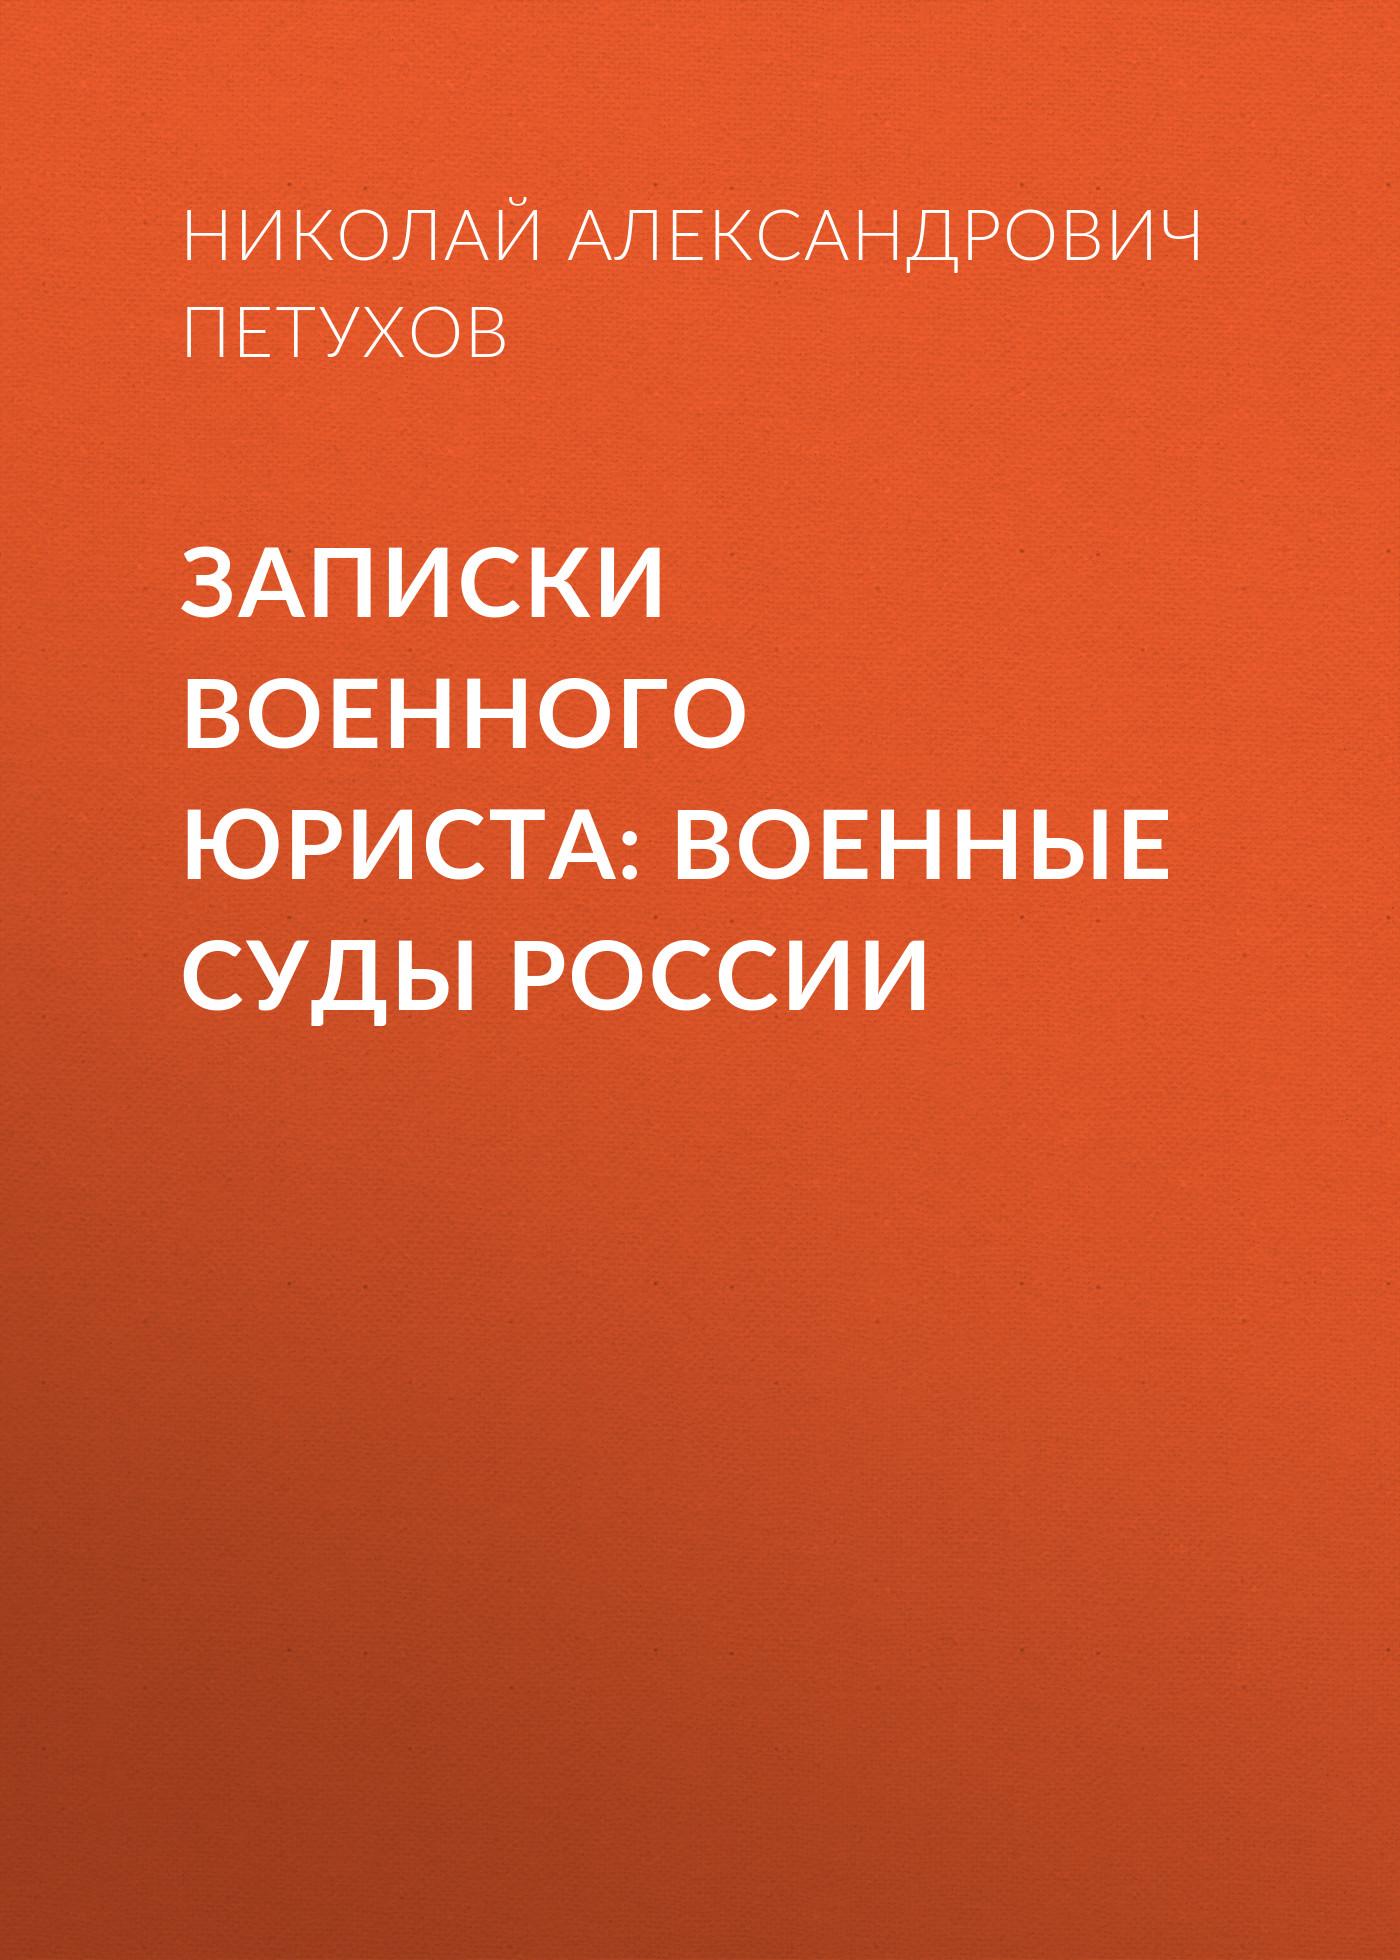 Николай Александрович Петухов Записки военного юриста: военные суды России